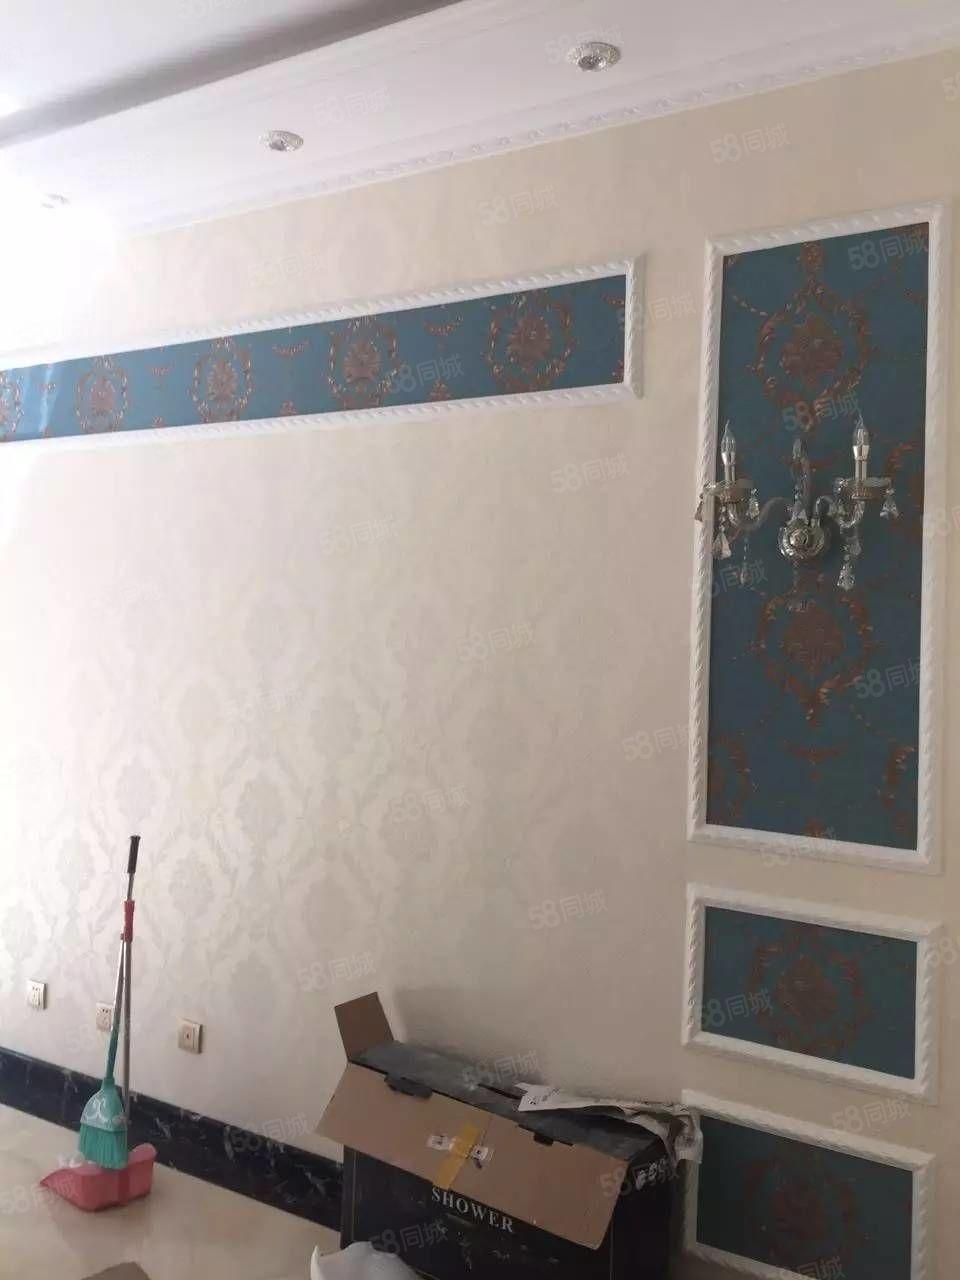 安定天庆嘉园高档小区2室2厅精装修能按揭